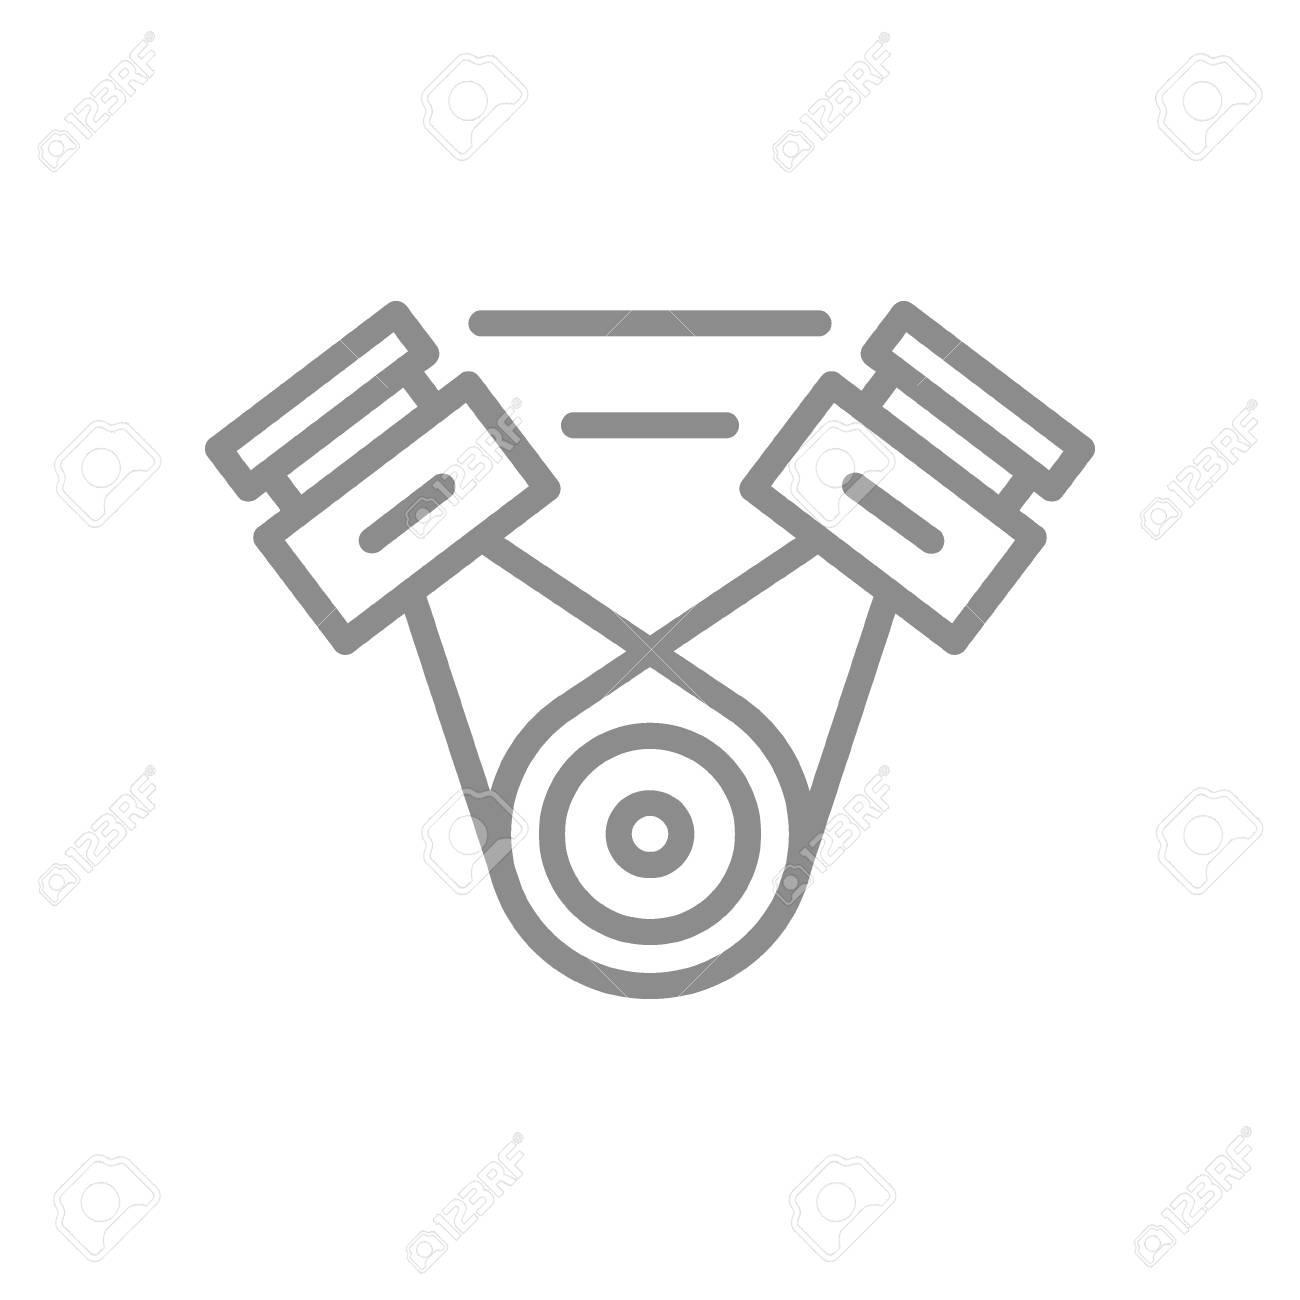 Tolle Schaltschema Symbole Zeitgenössisch - Elektrische Schaltplan ...